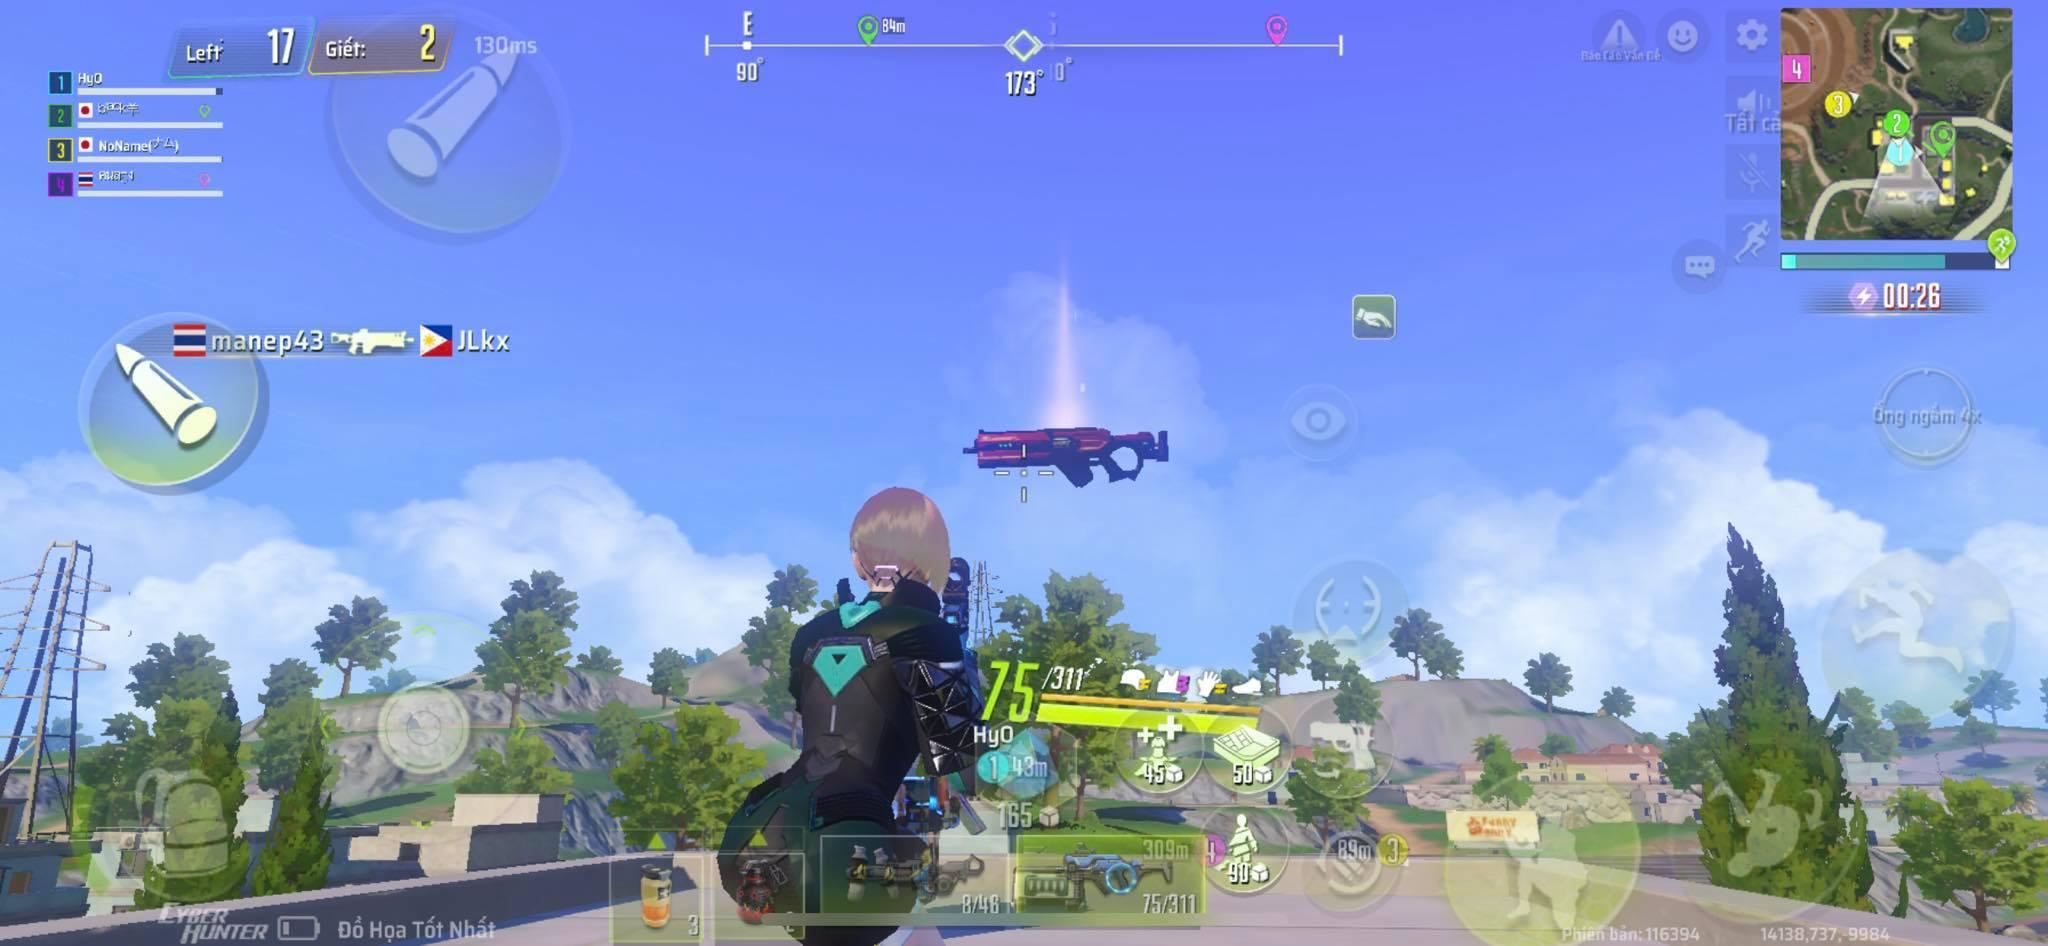 Top 14 game bắn súng hành động lấy bối cảnh quân sự hiện đại 9